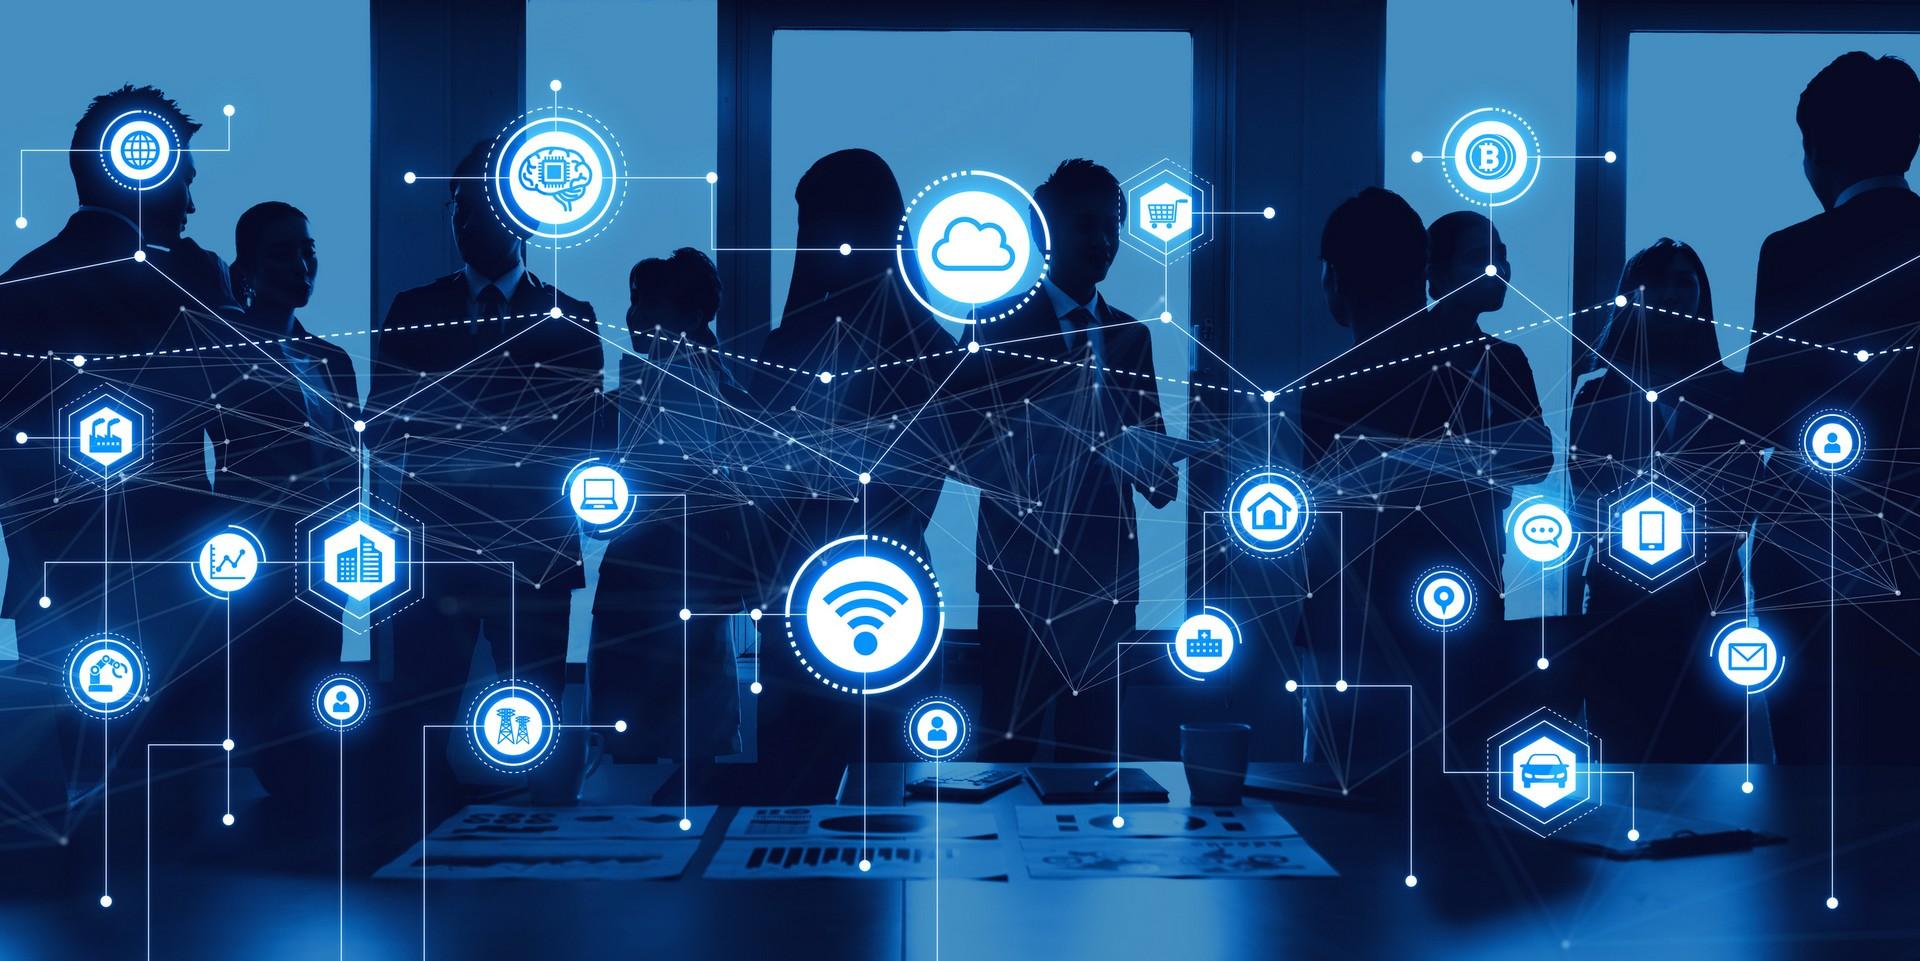 Soluções de Conectividade: Essencial para o avanço da sua empresa